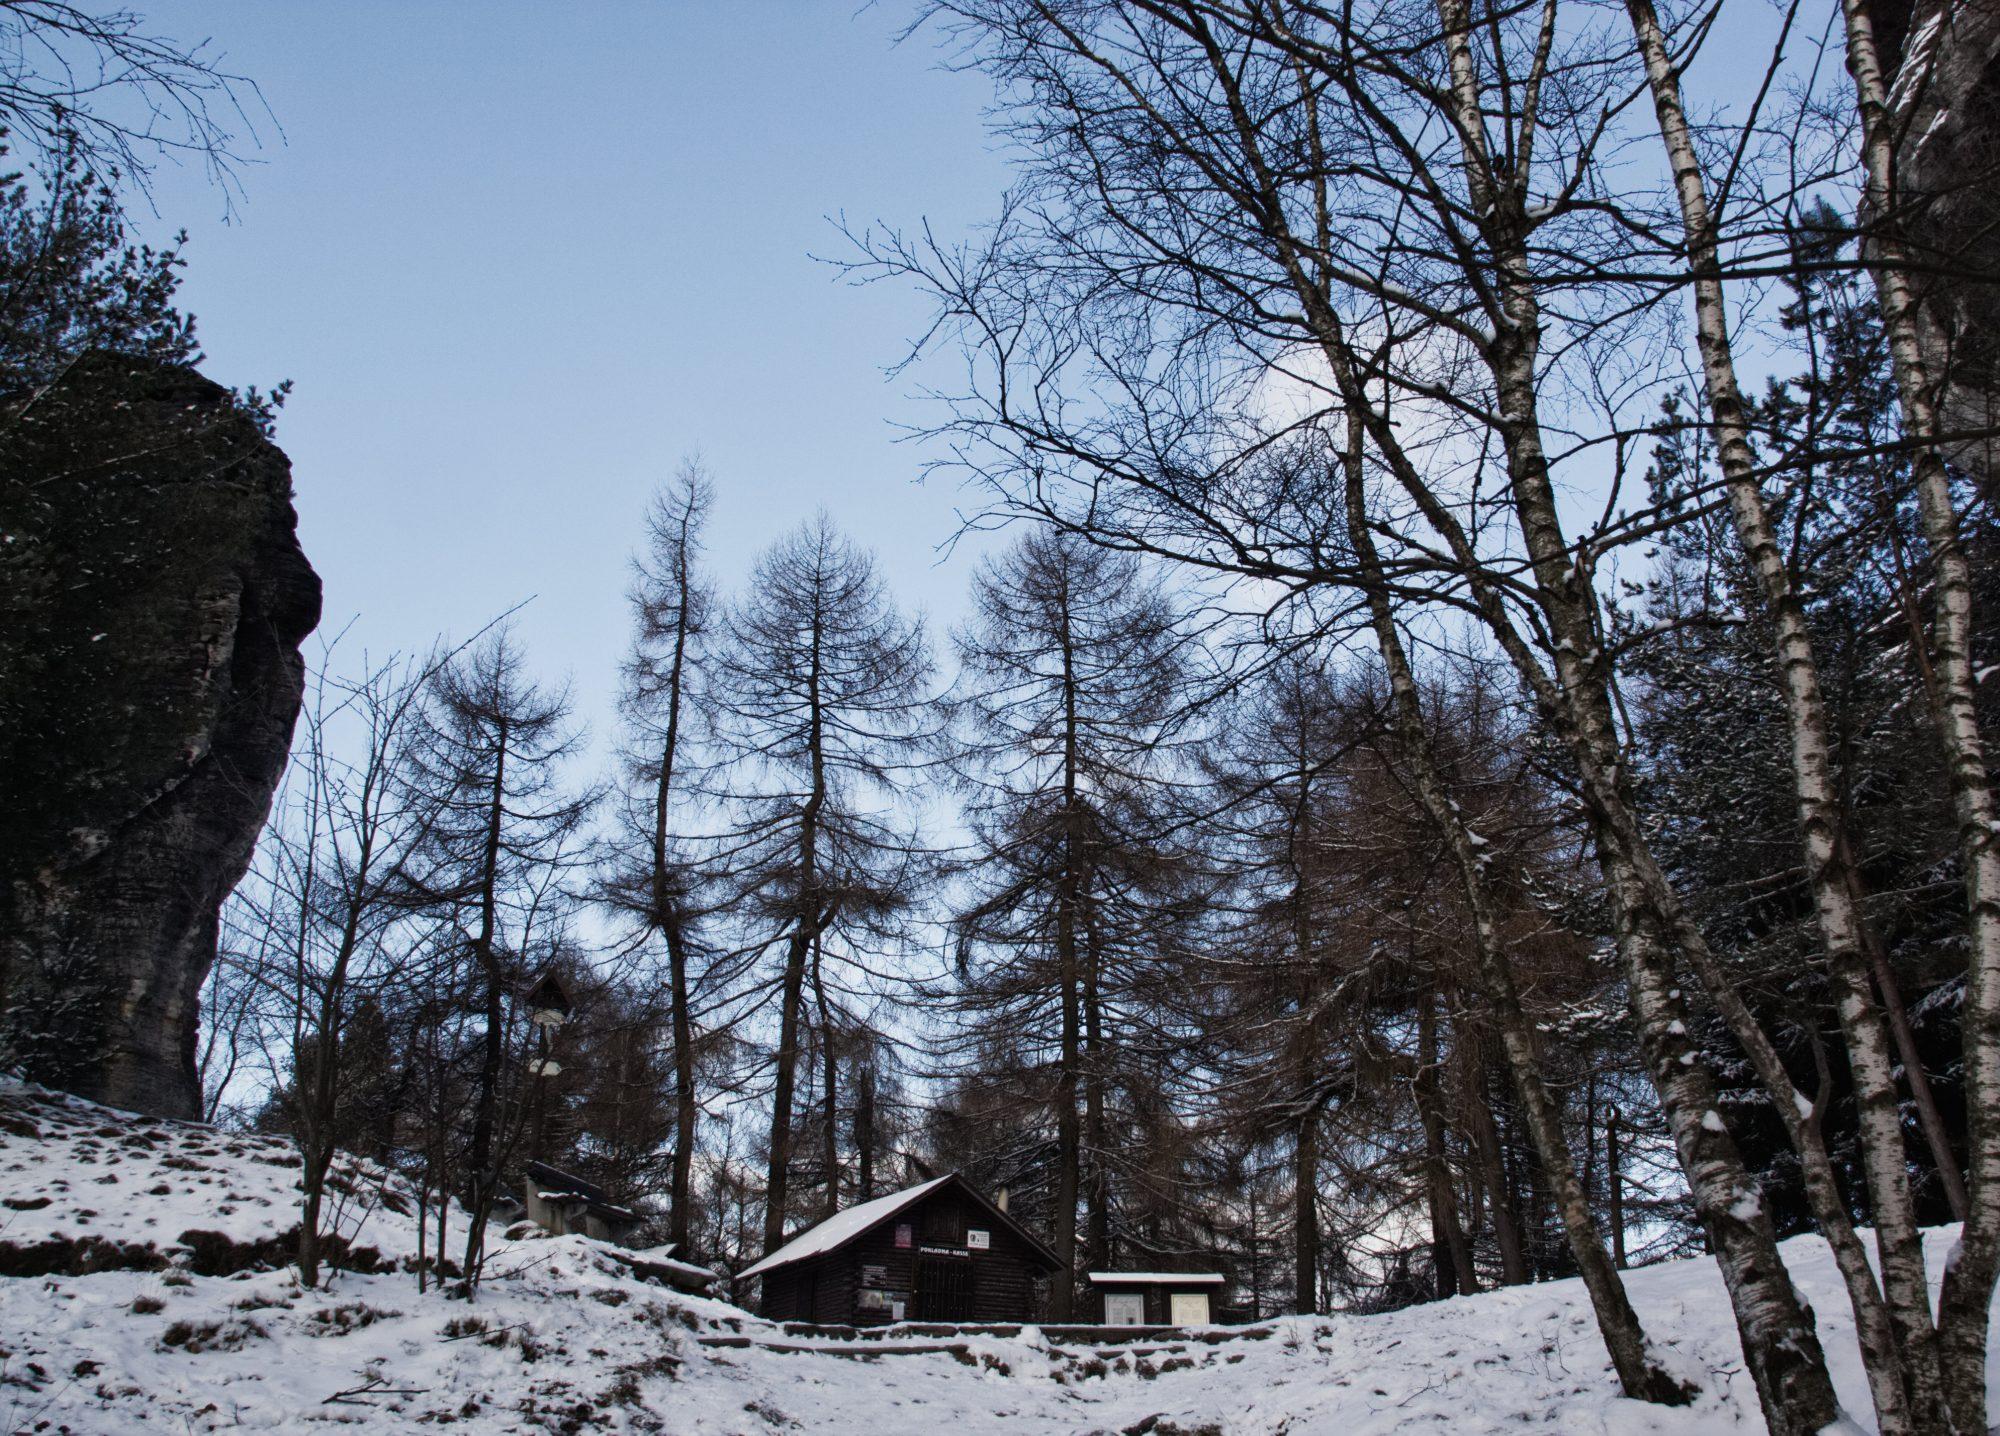 Sächsische Schweiz, Elbsandsteingebirge, Tissa, Tissa Wände, Böhmische Schweiz, Winter, Wandern